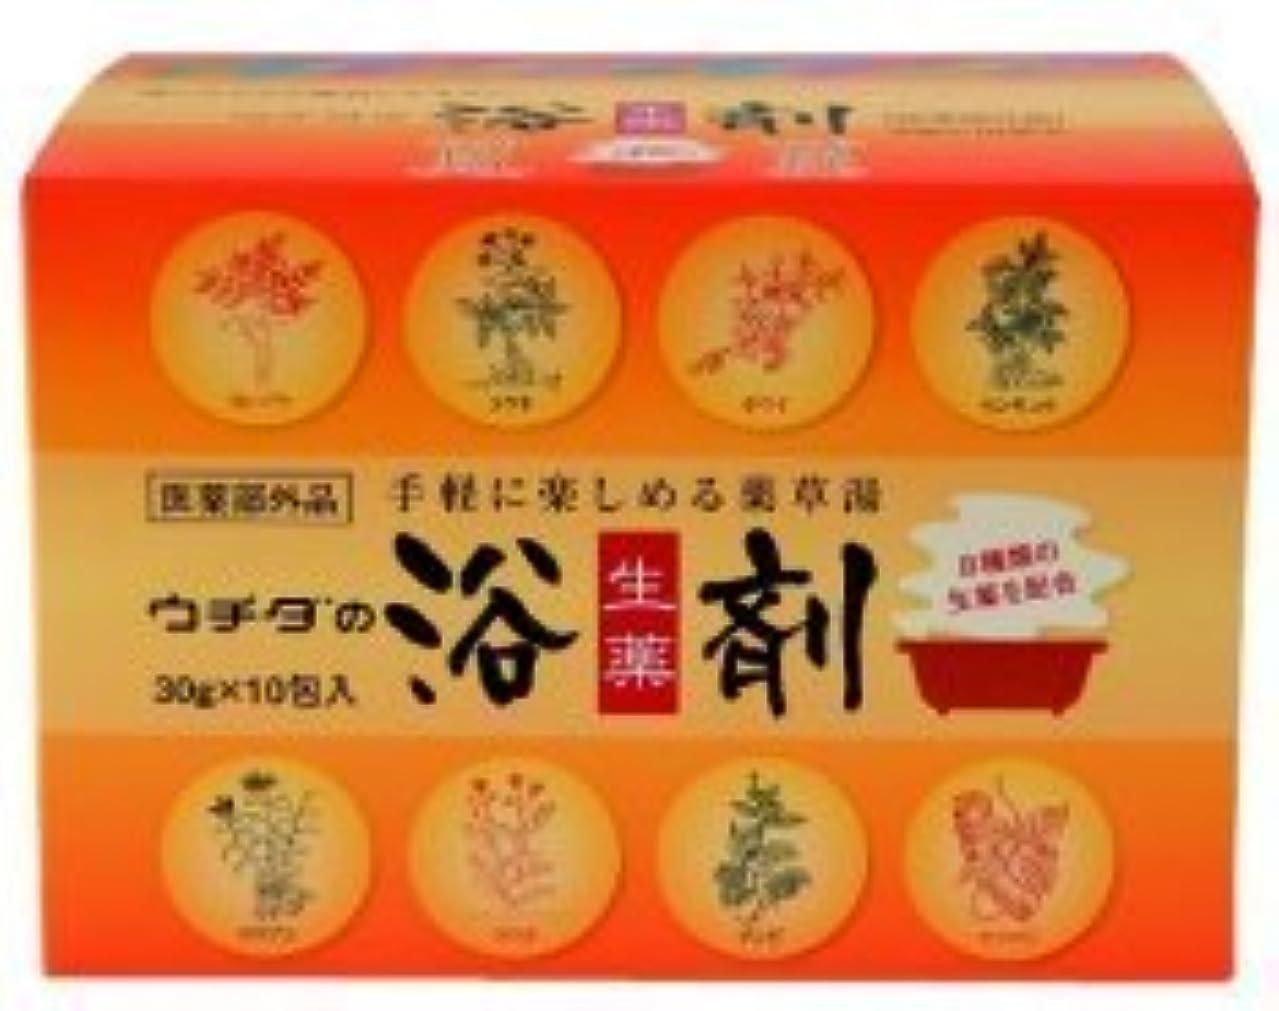 クアッガ他の場所若さ〔ウチダ和漢薬〕ウチダの浴剤(30g×10包入)×2個セット+1包おまけ